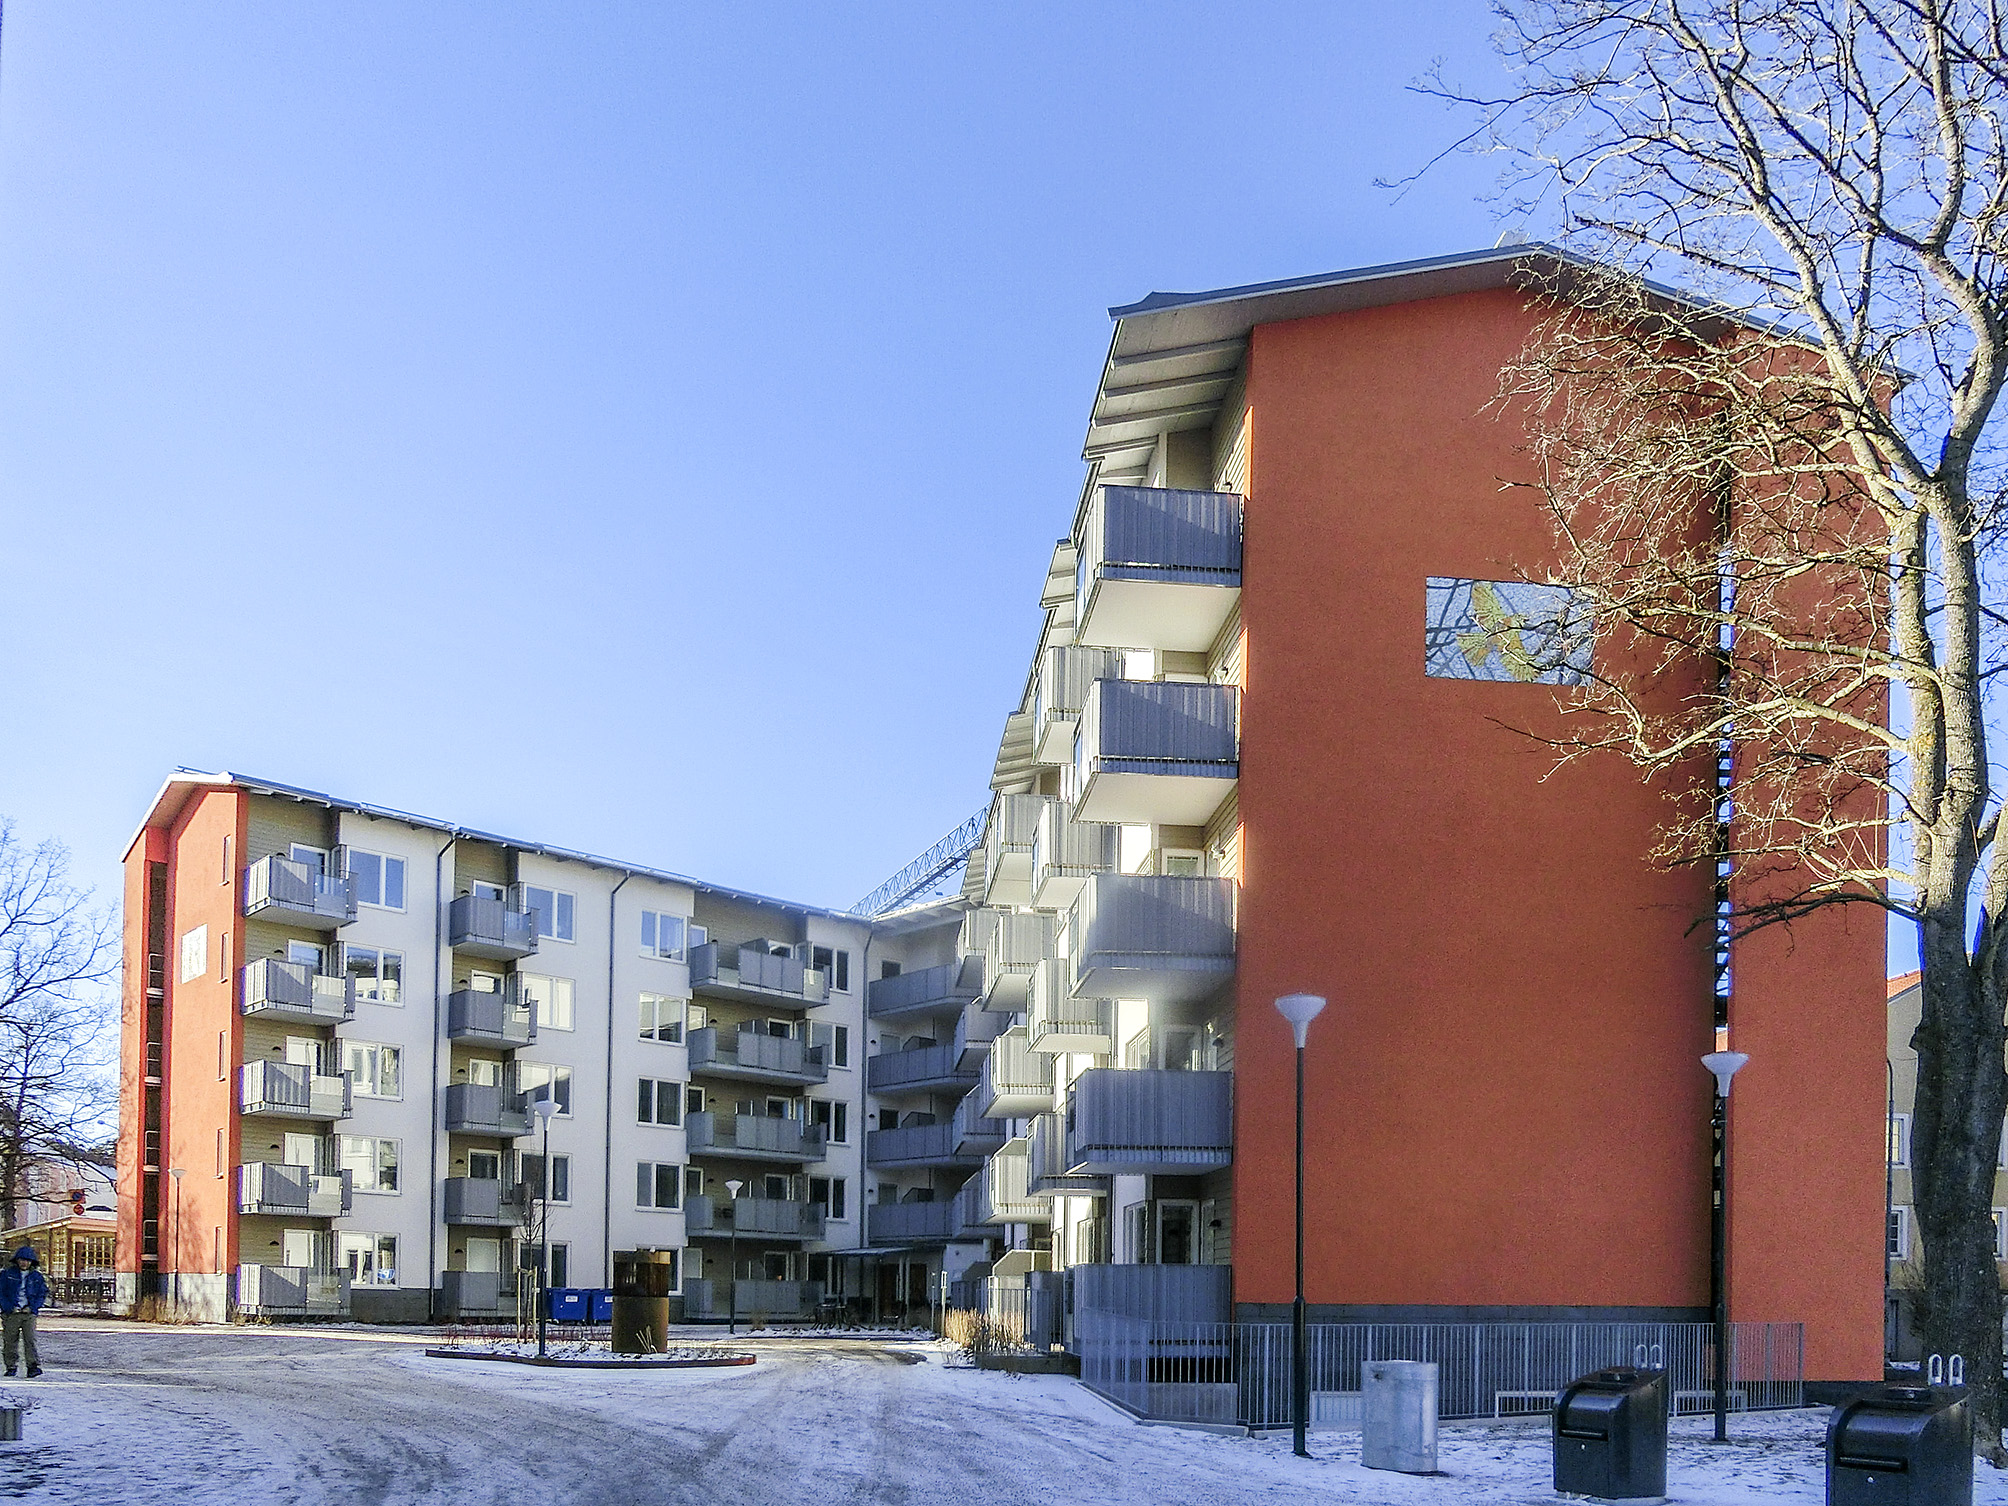 Botrygg Sandrinoparken 0397